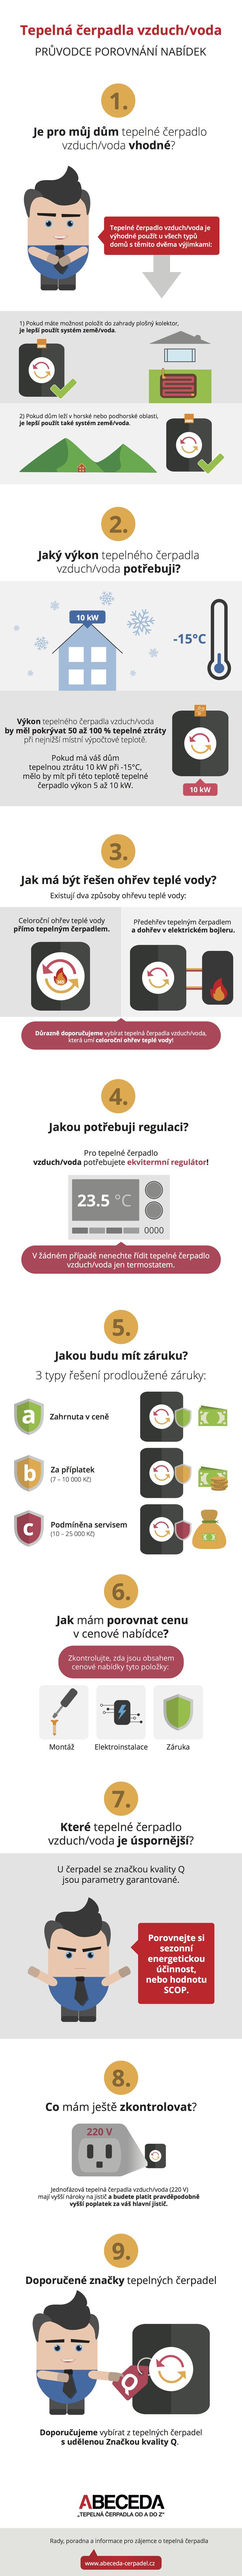 Infografika vzduch/voda - porovnání nabídek